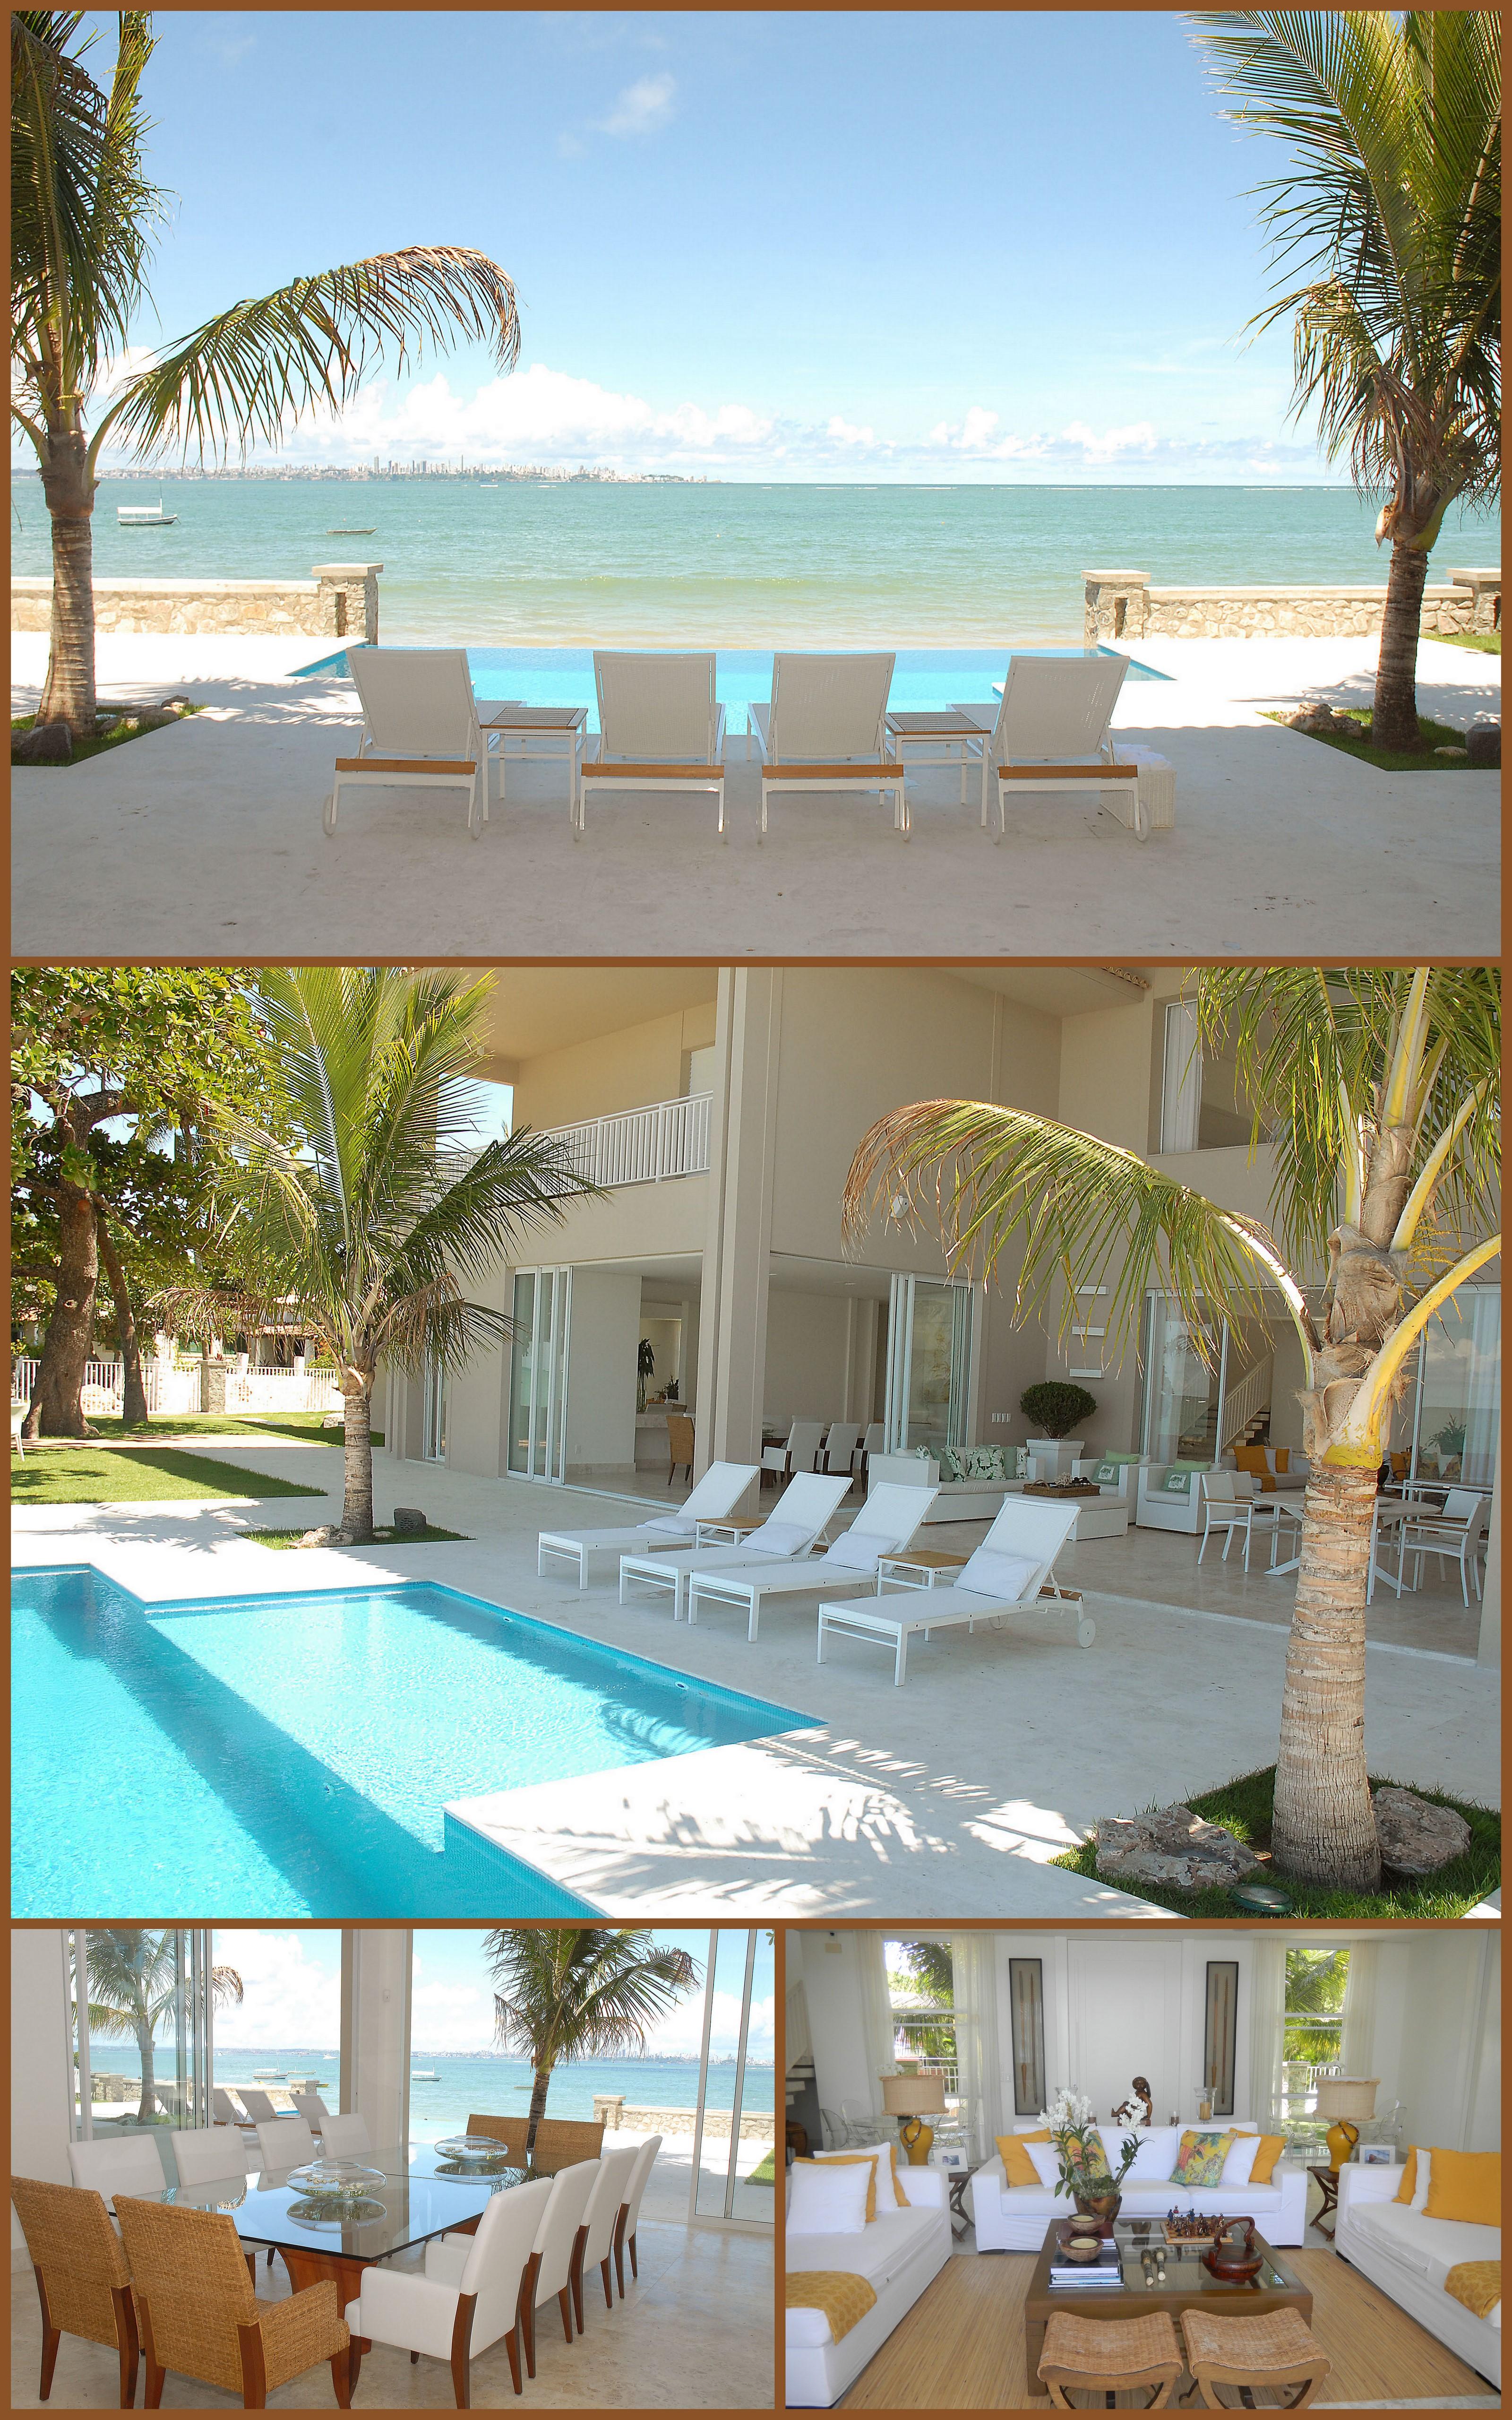 Casa de praia contempor nea for Casa contemporanea